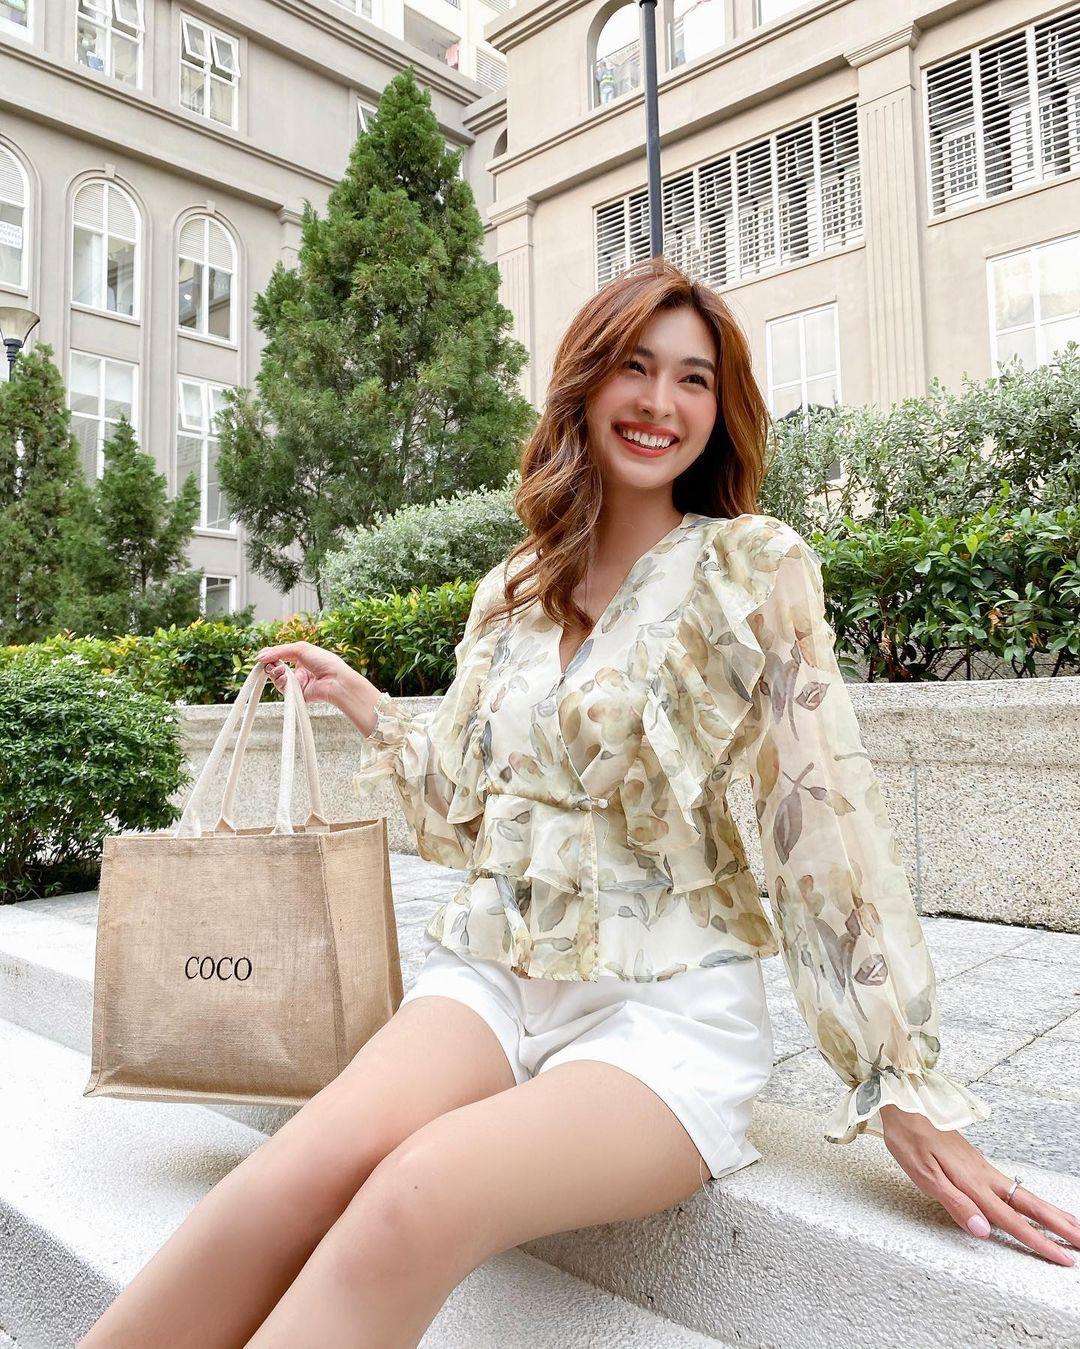 """Điểm mặt 3 item """"mặc là đẹp"""" của hội sao Việt khi đi biển, lên đồ đơn giản cũng ra ảnh sống ảo ngàn like! - Ảnh 5."""